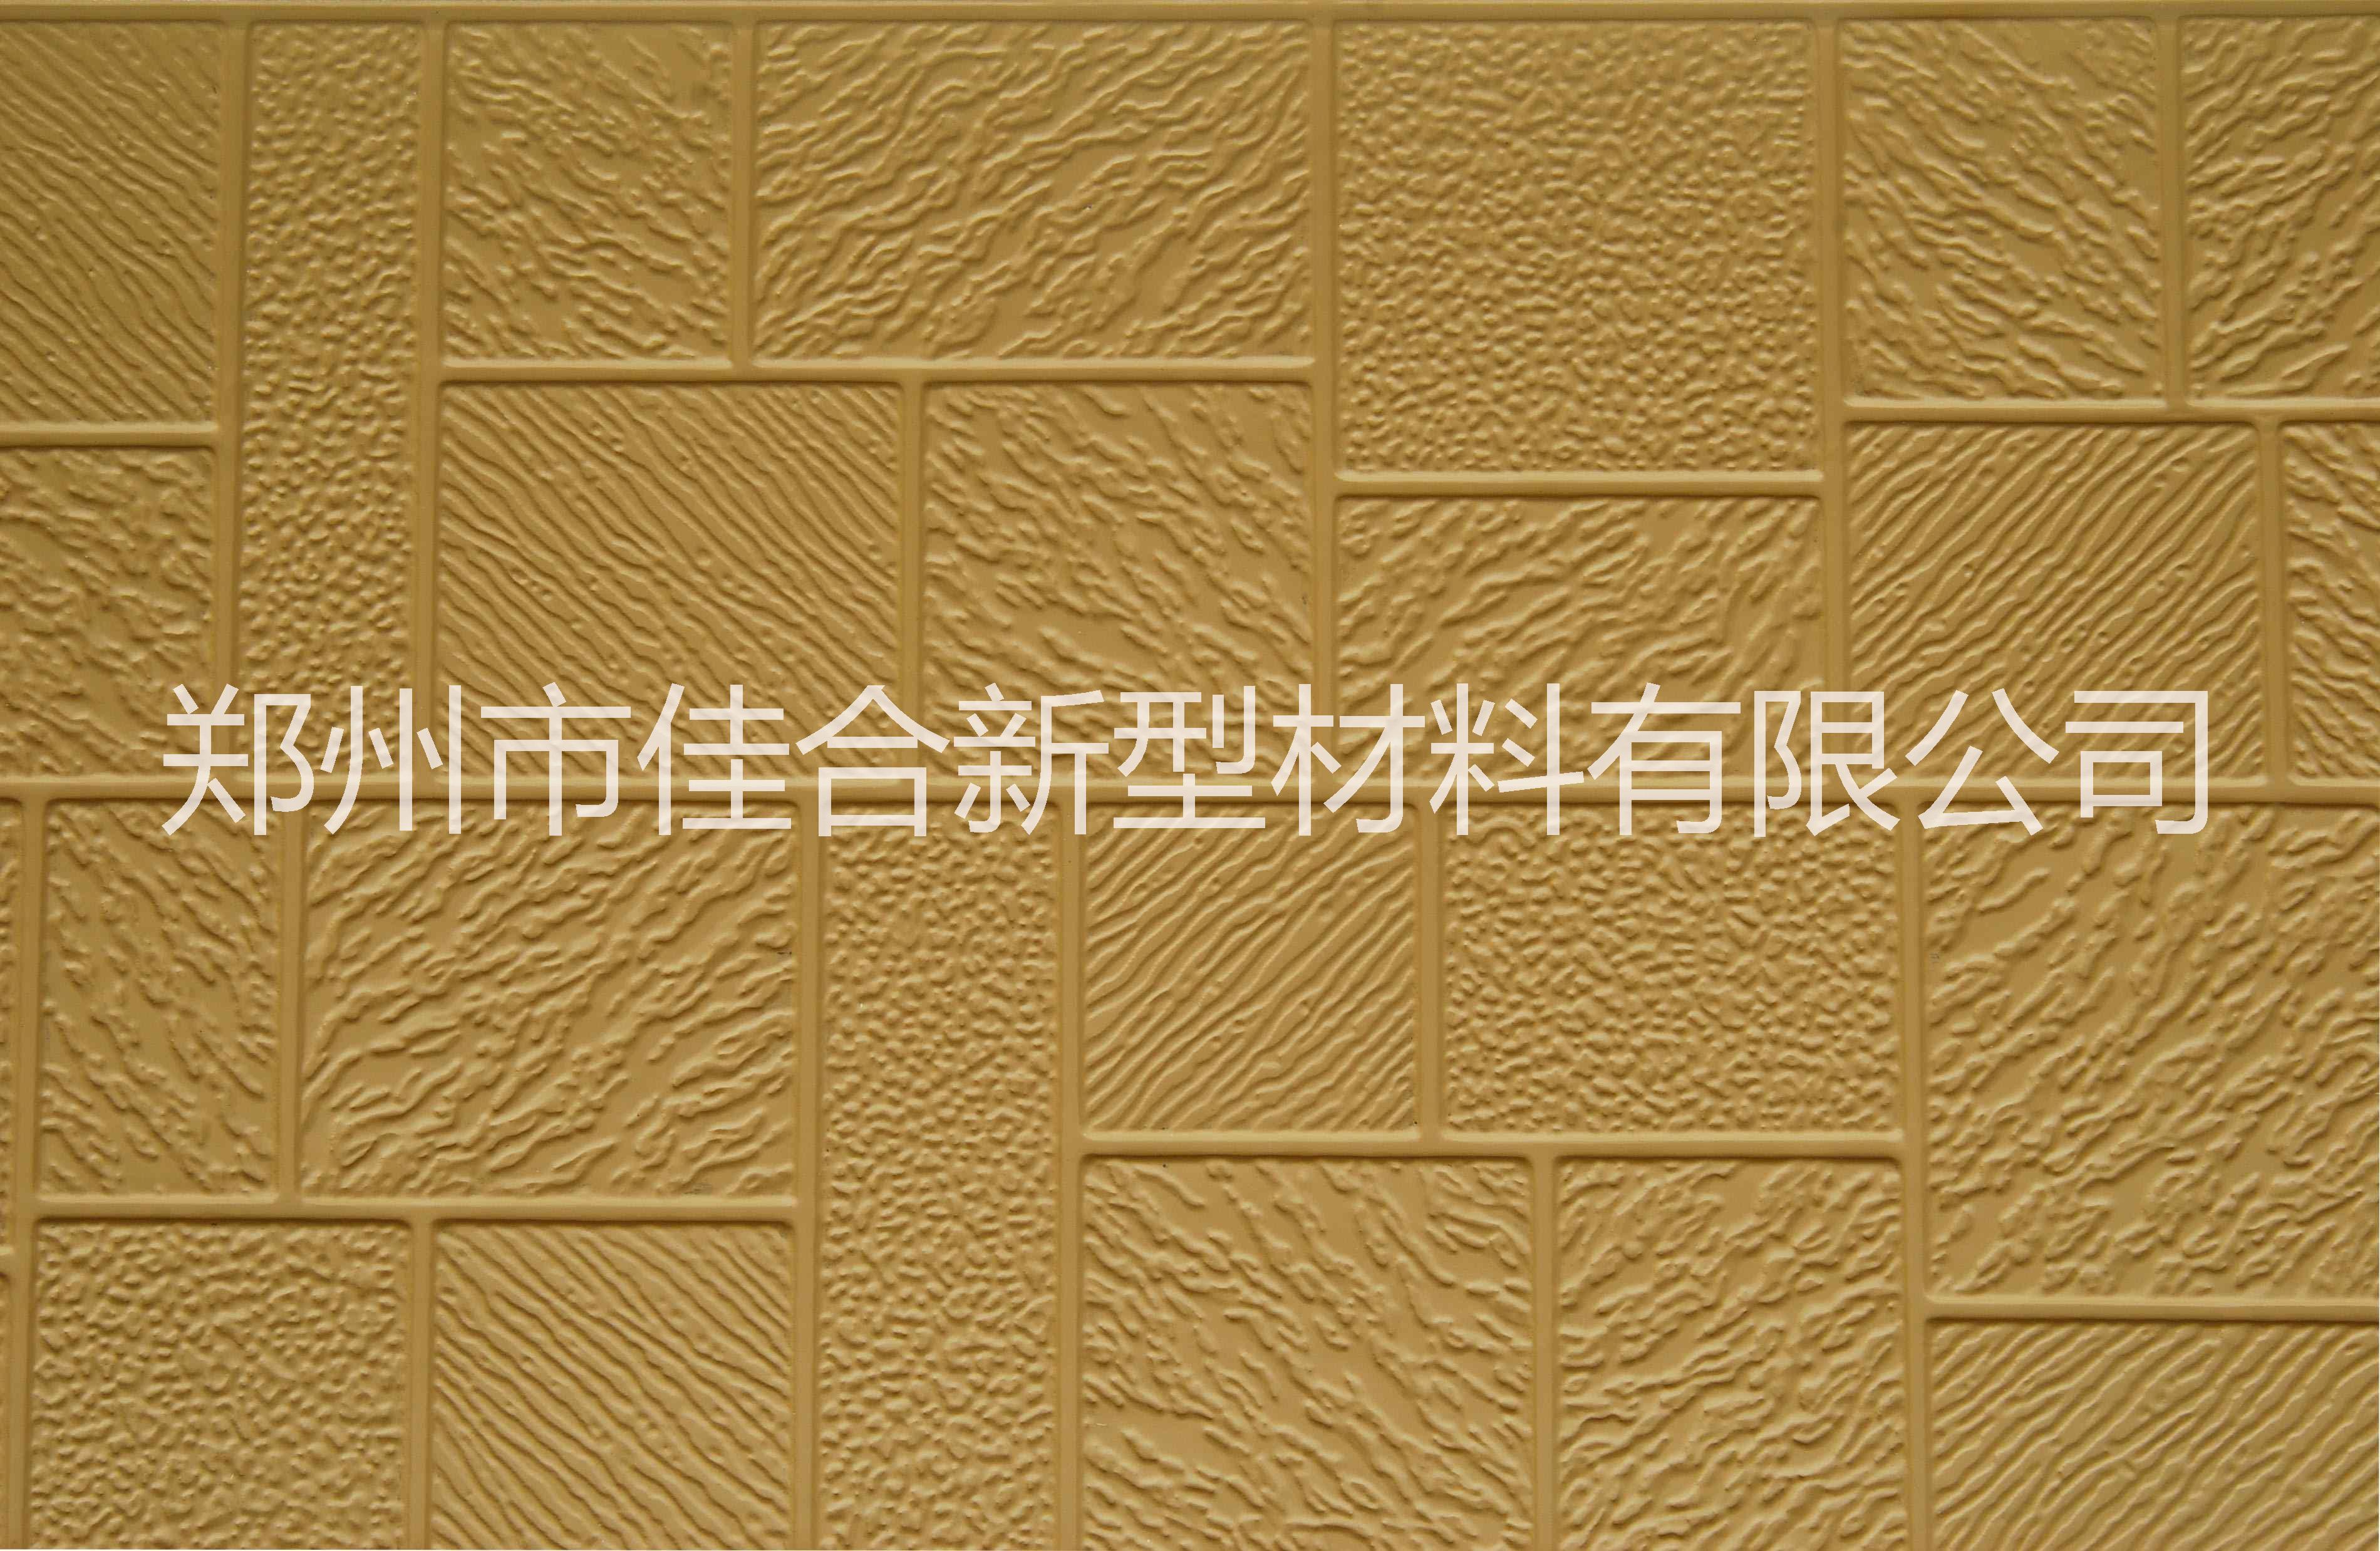 郑州厂家供应金属雕花板用于钢结构墙体装饰、保温隔热